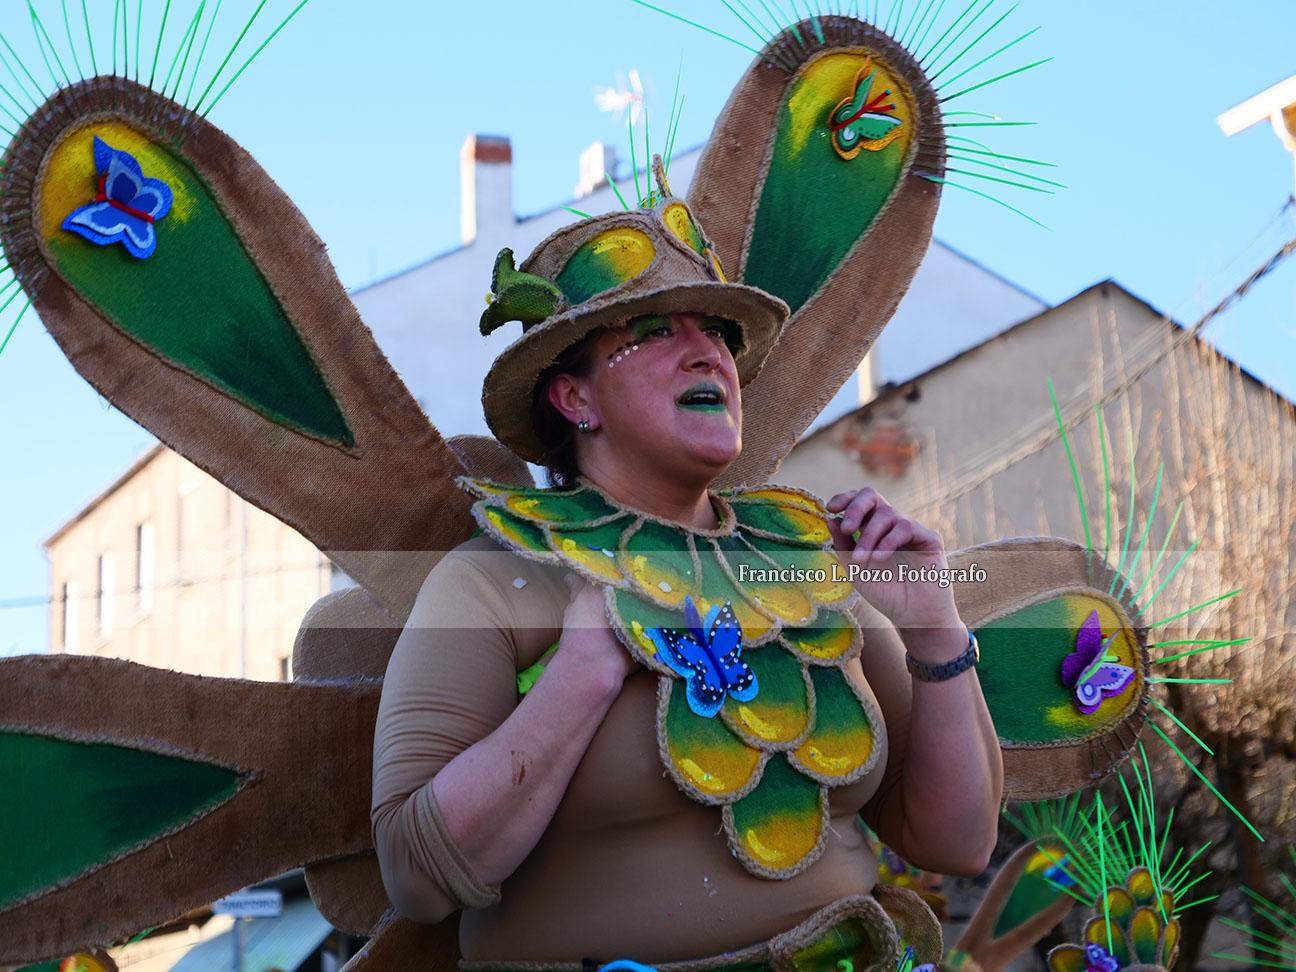 Carnaval 2020: Camponaraya sale a la calle a ritmo de comparsa 83